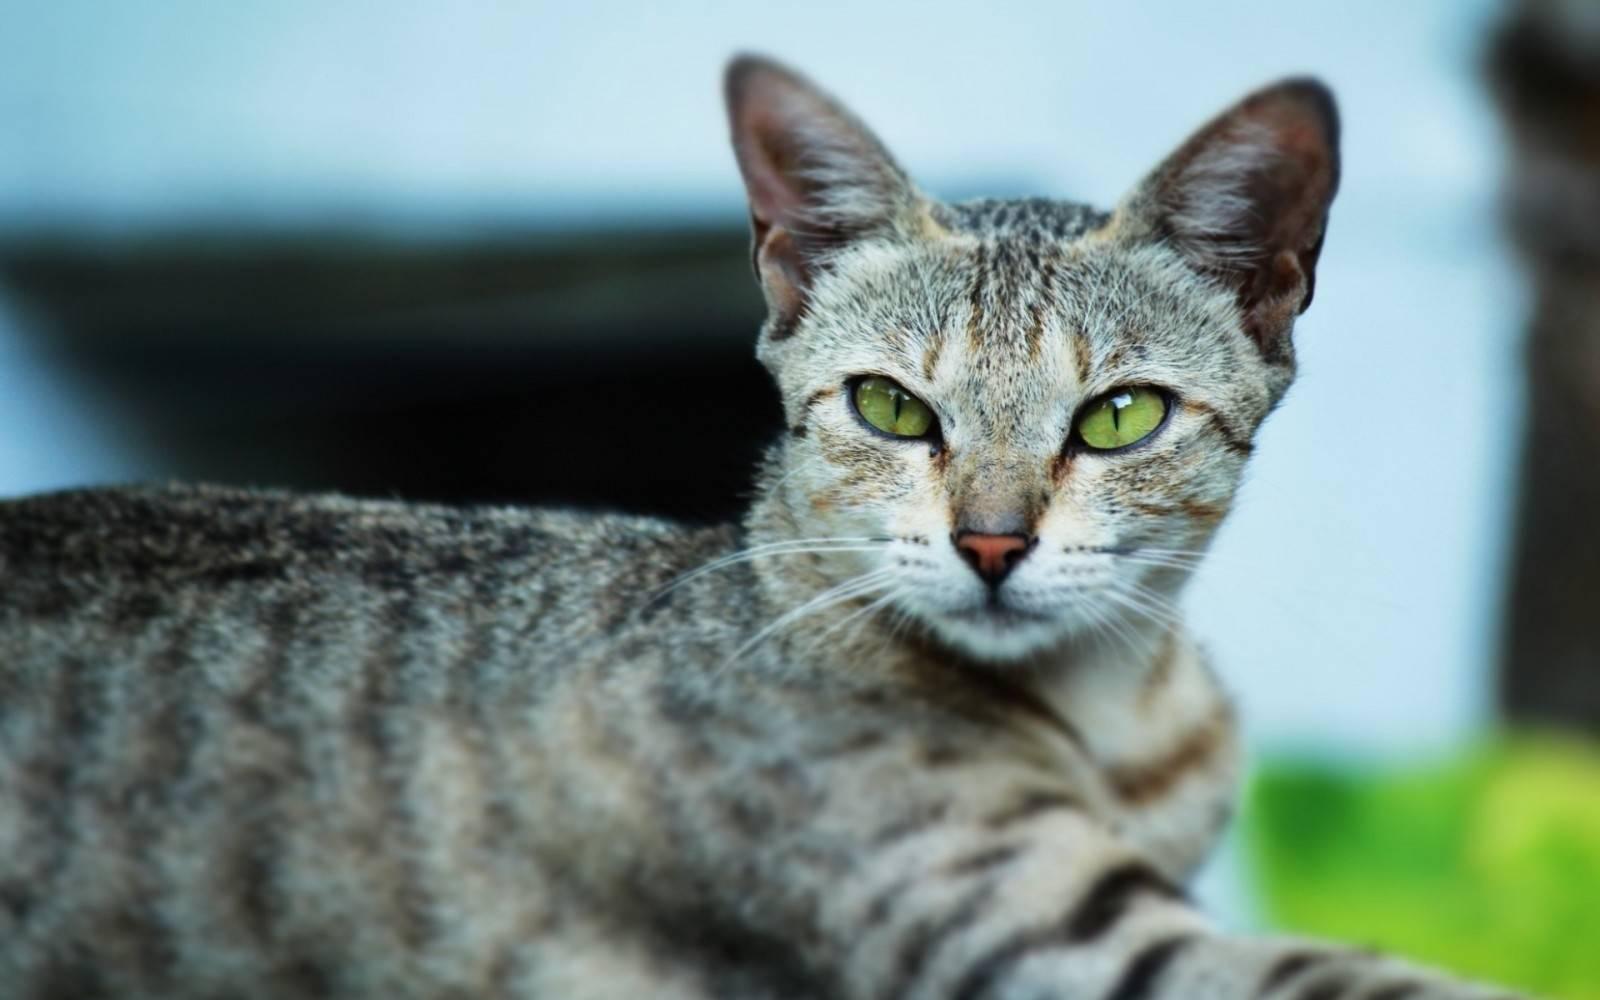 Египетская кошка мау. особенности, образ жизни и уход за египетской кошкой мау | животный мир